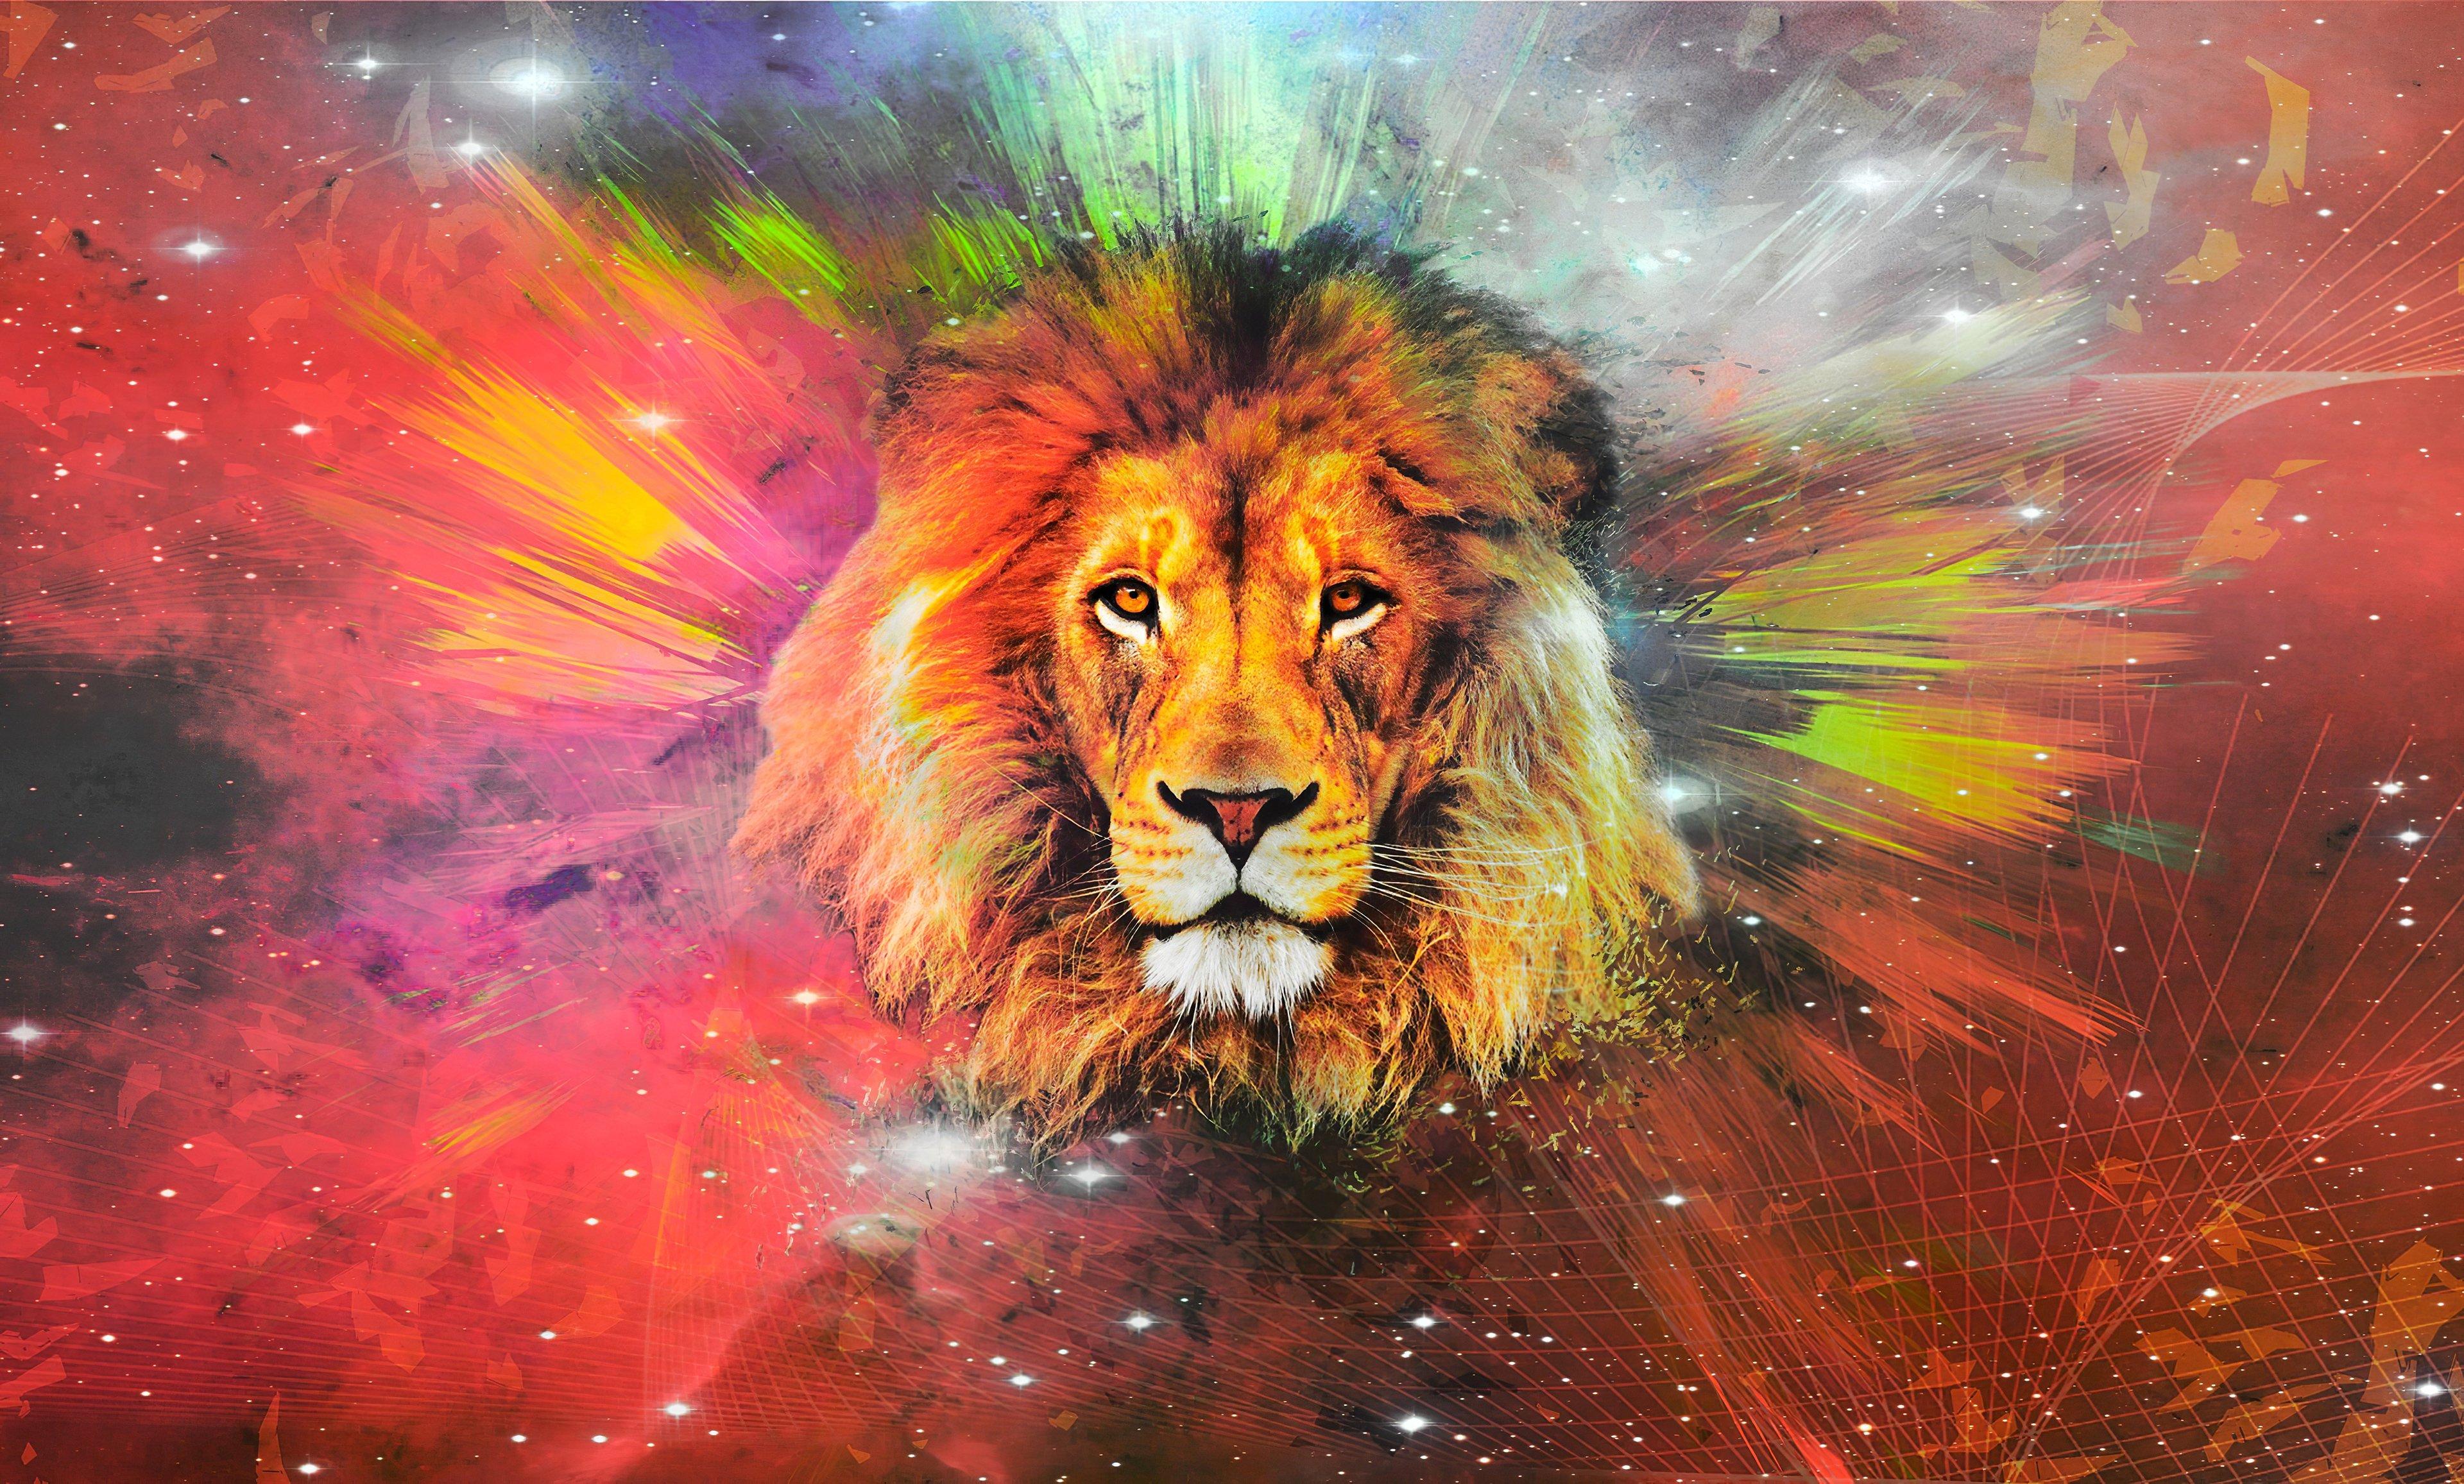 Wallpaper Lion in Galaxy